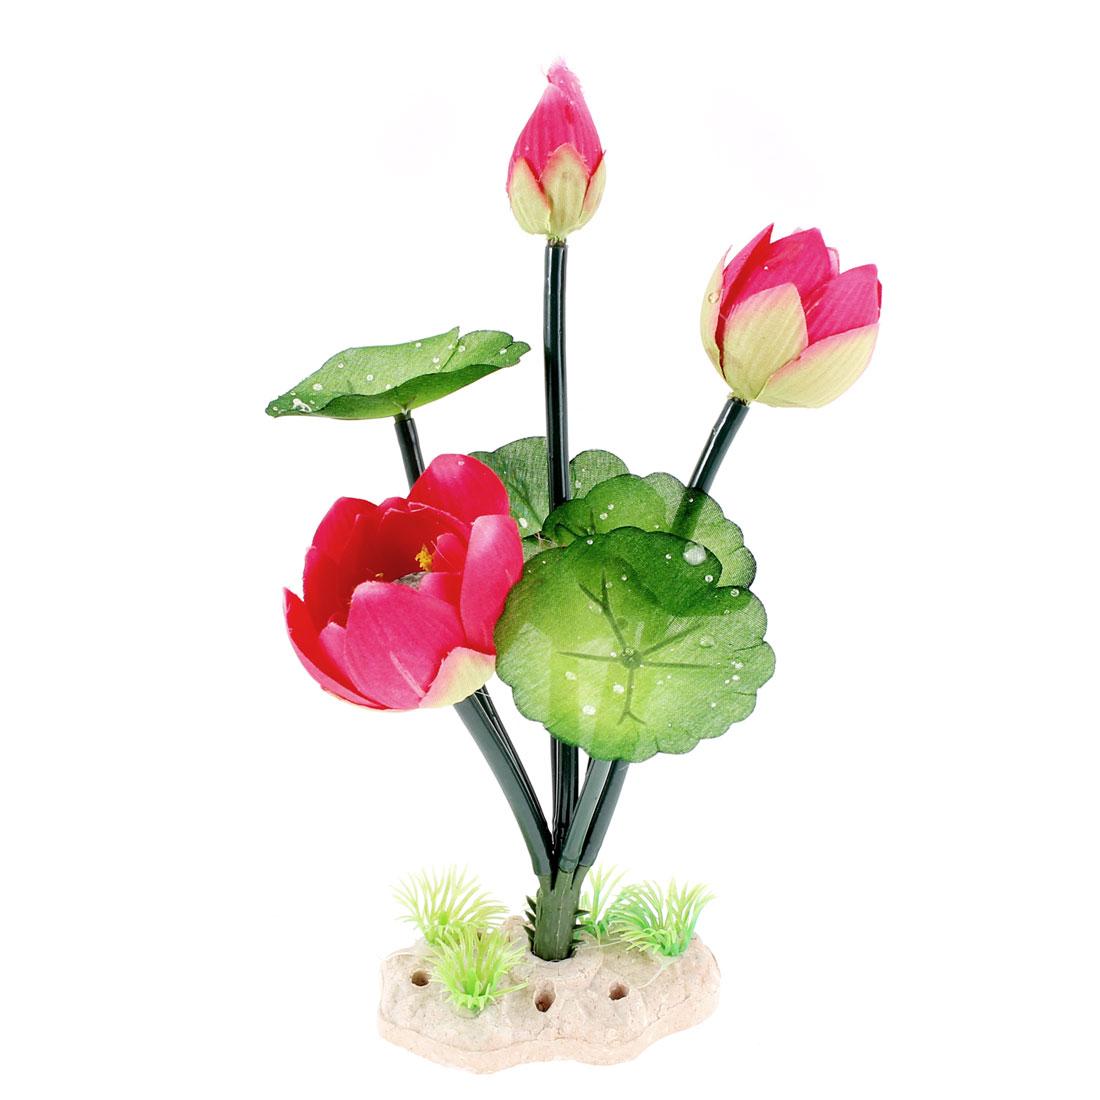 Aquarium Fish Tank Artificial Plastic Lotus Flower Plant Decor